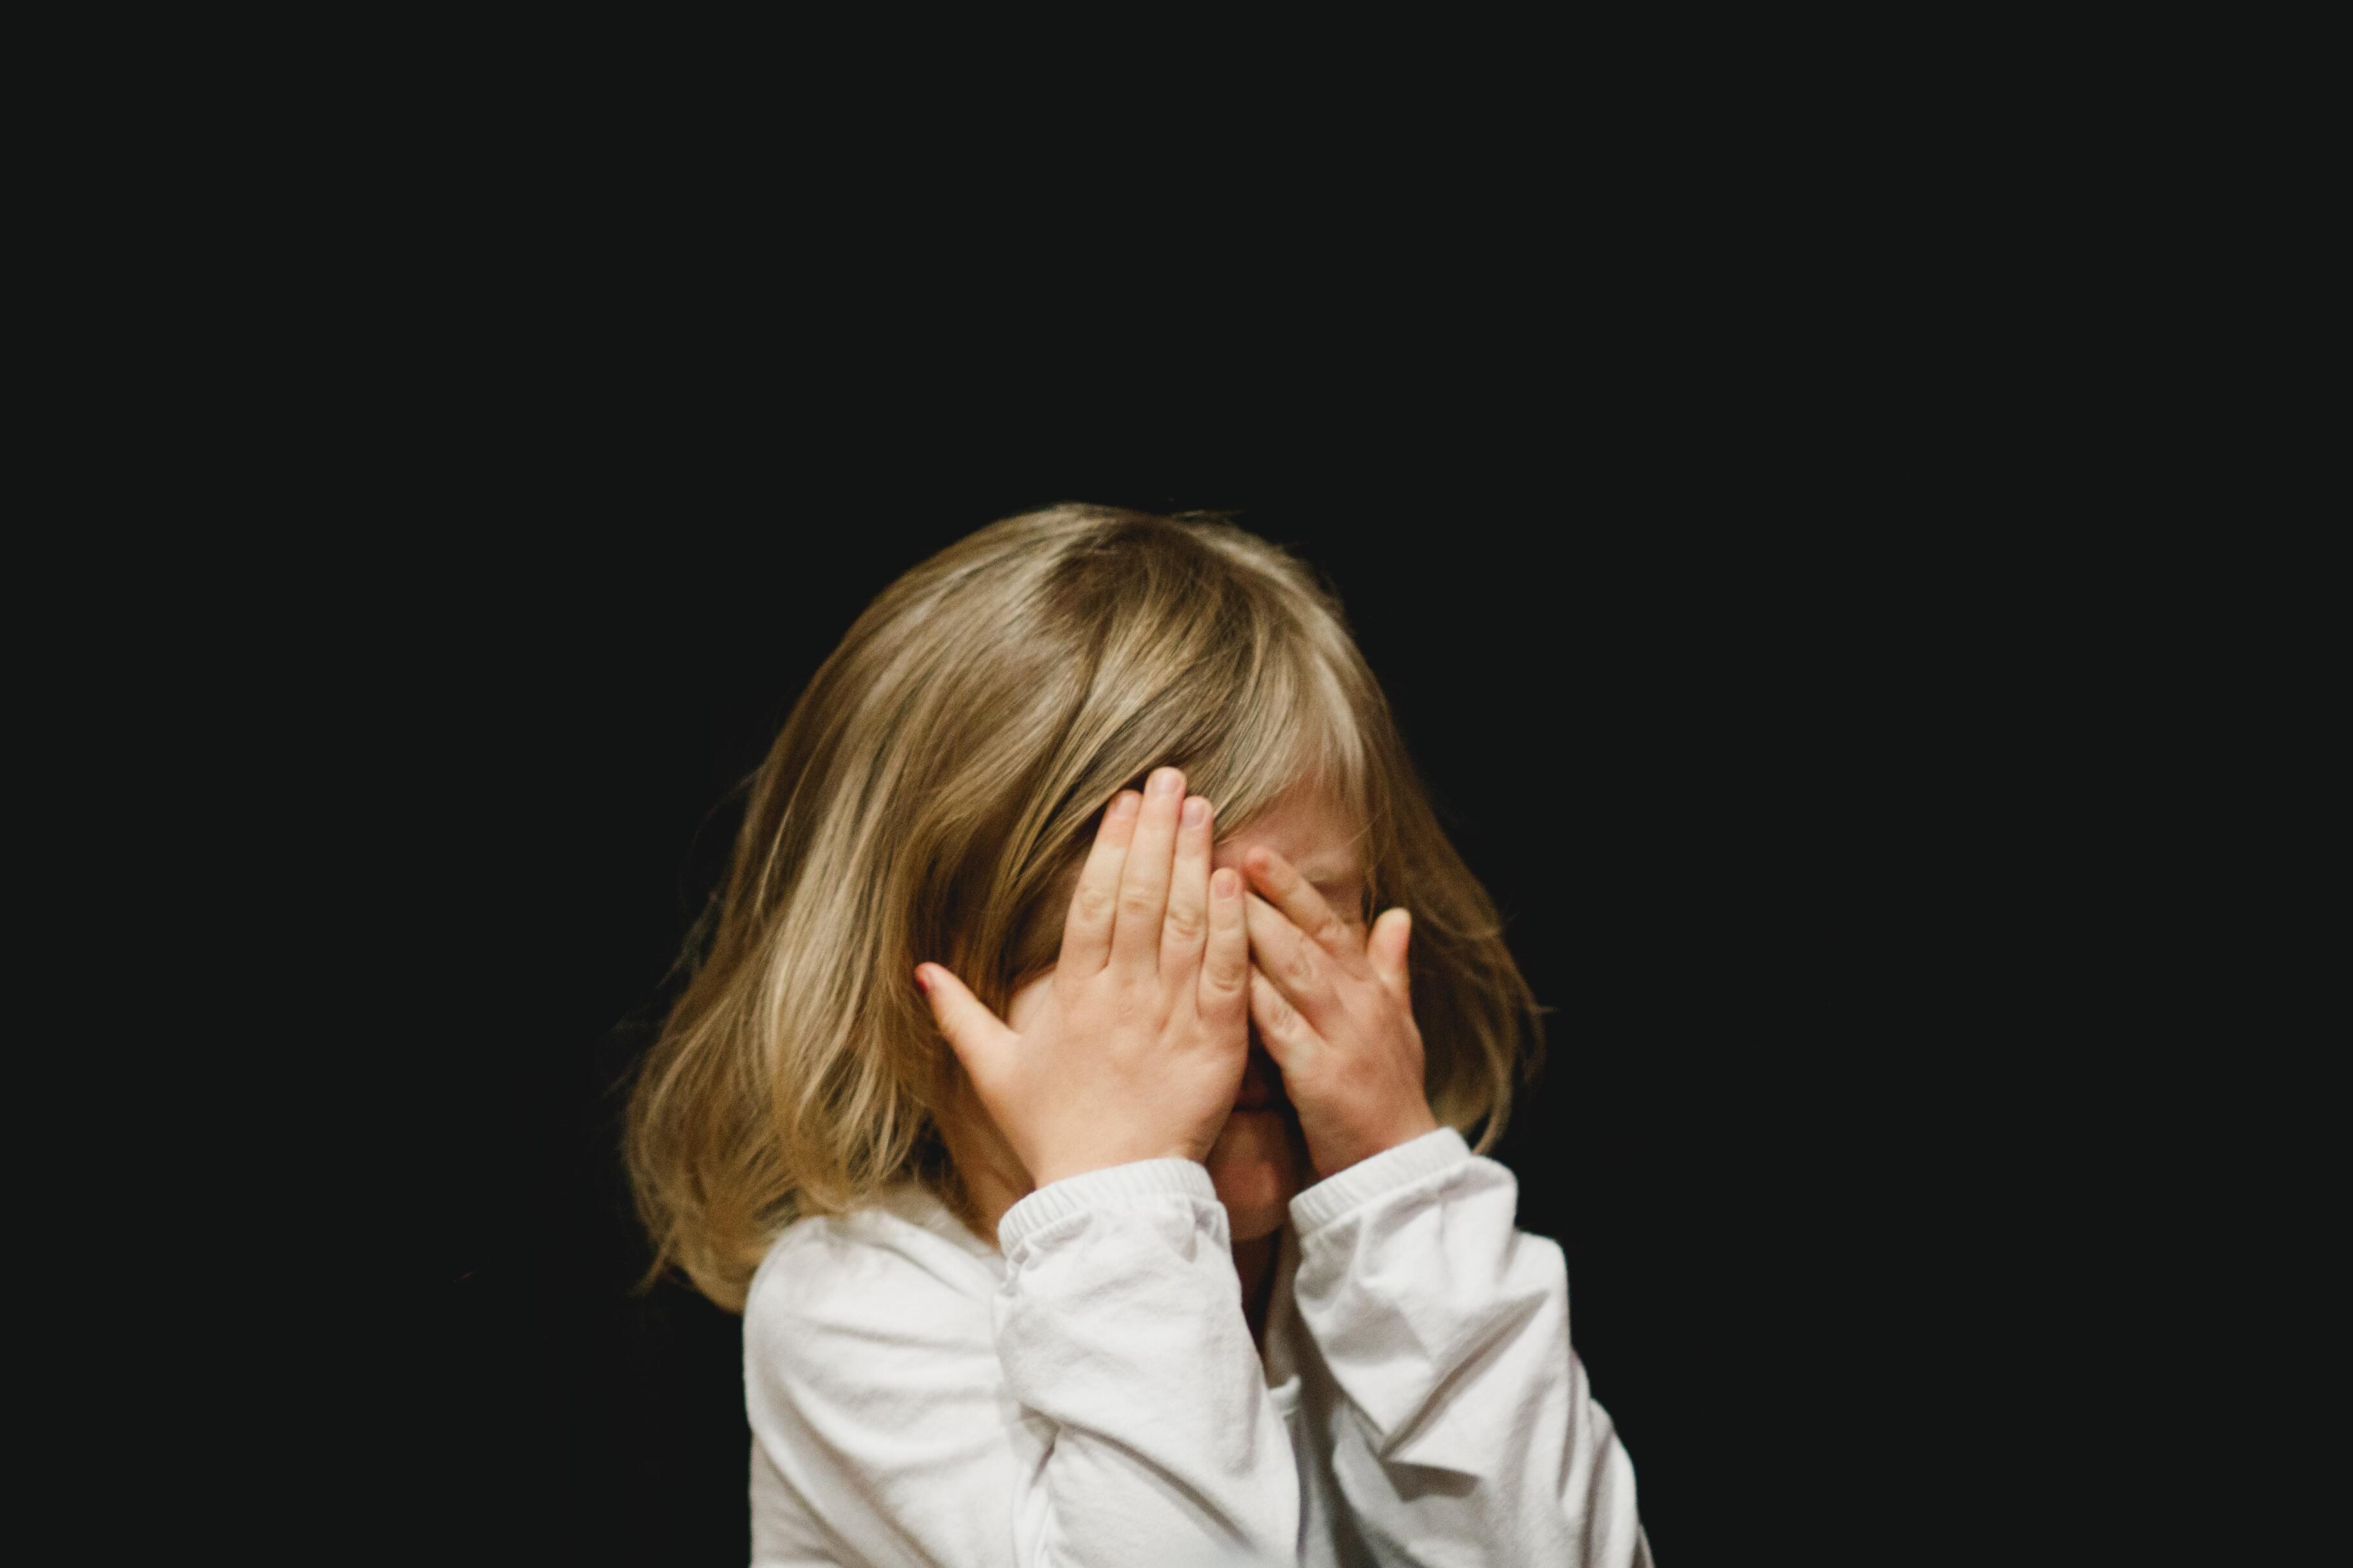 Исследование: детские травмы женщины могут повлиять на мозг её ребёнка